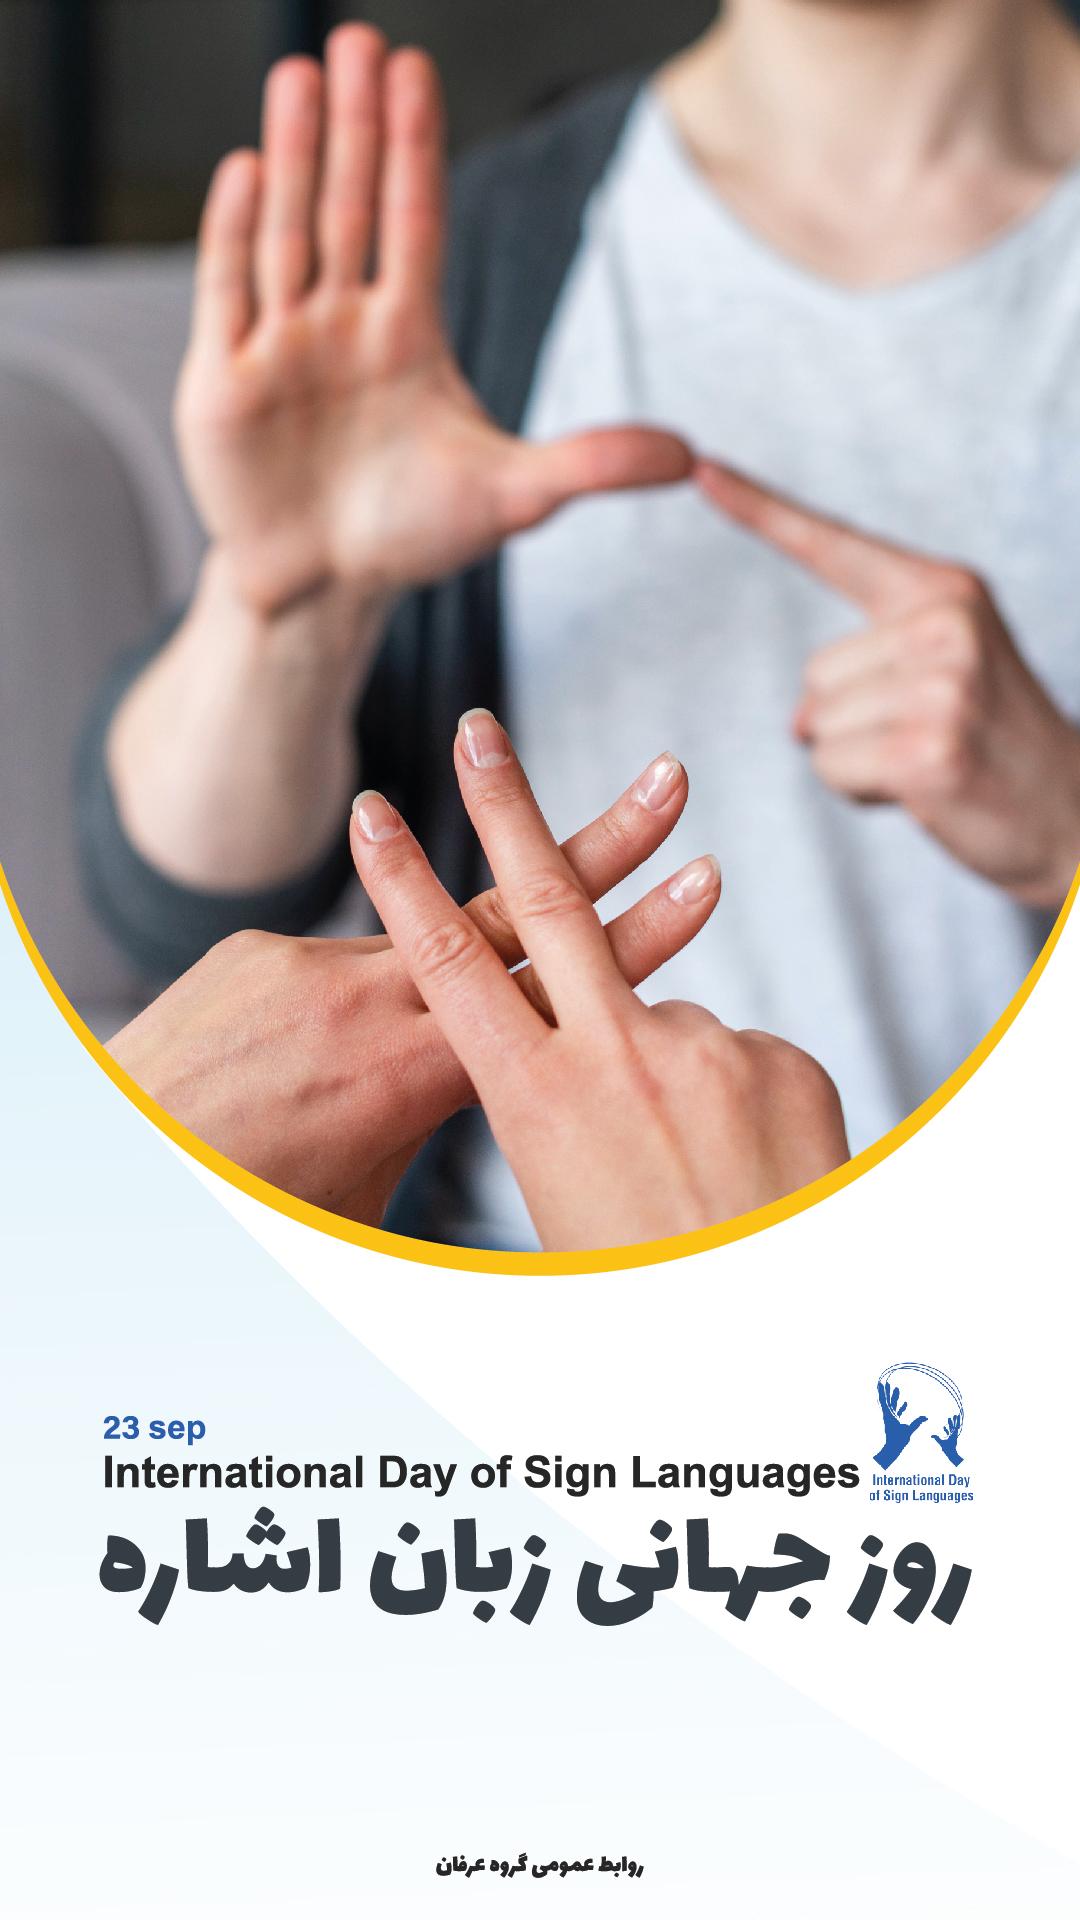 روز جهانی زبان اشاره